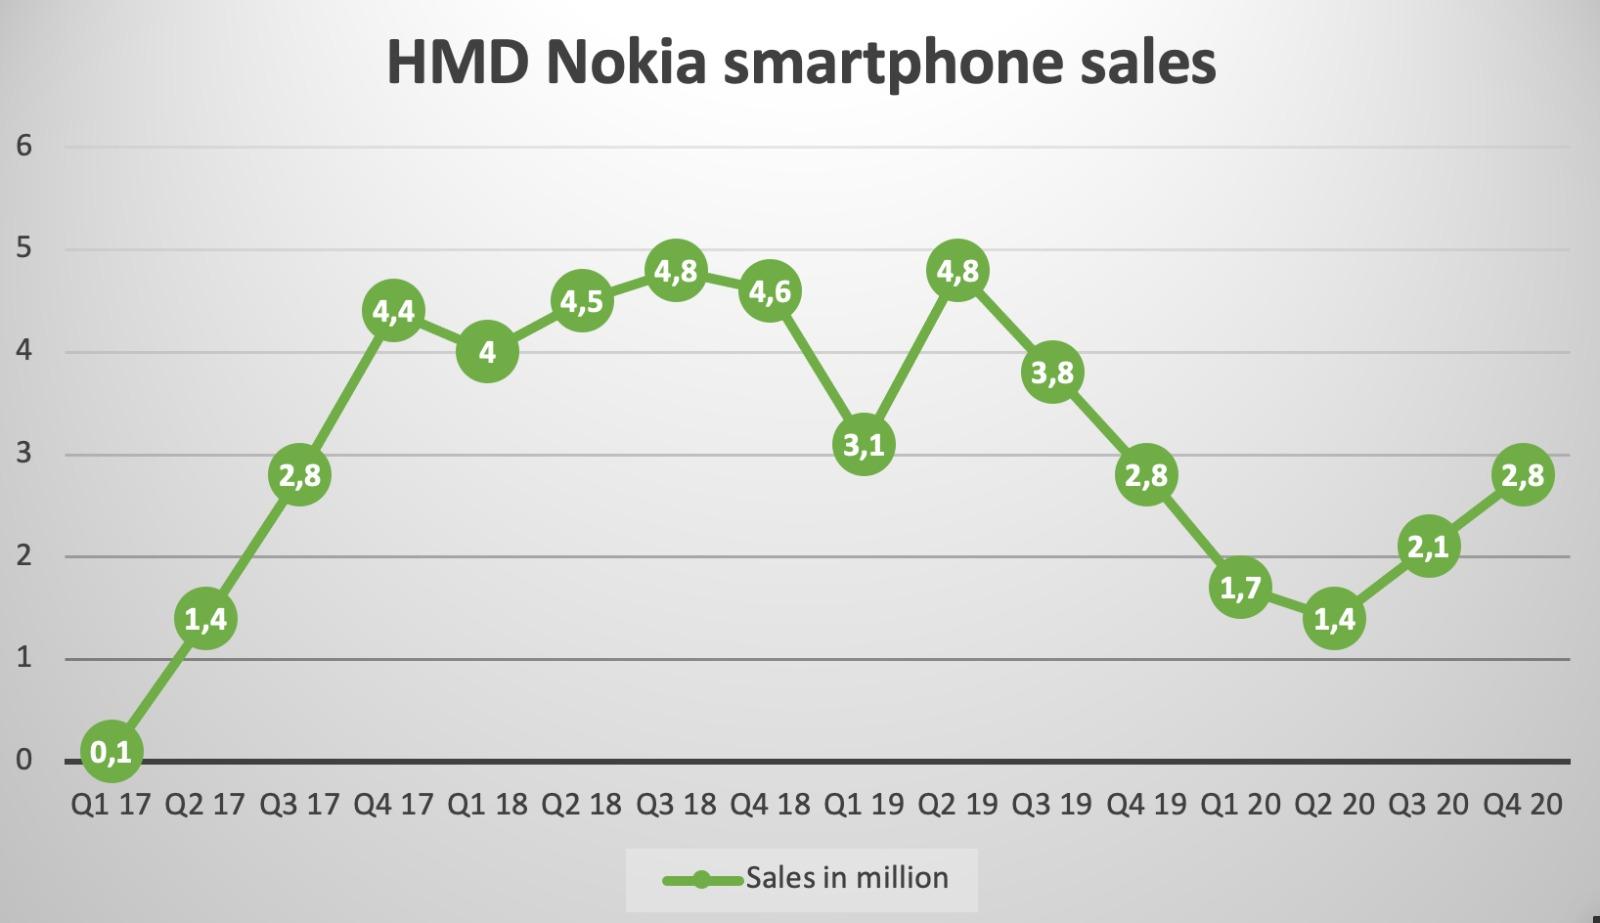 sprzedaż smartfonów Nokia od Q1 2017 do Q4 2020